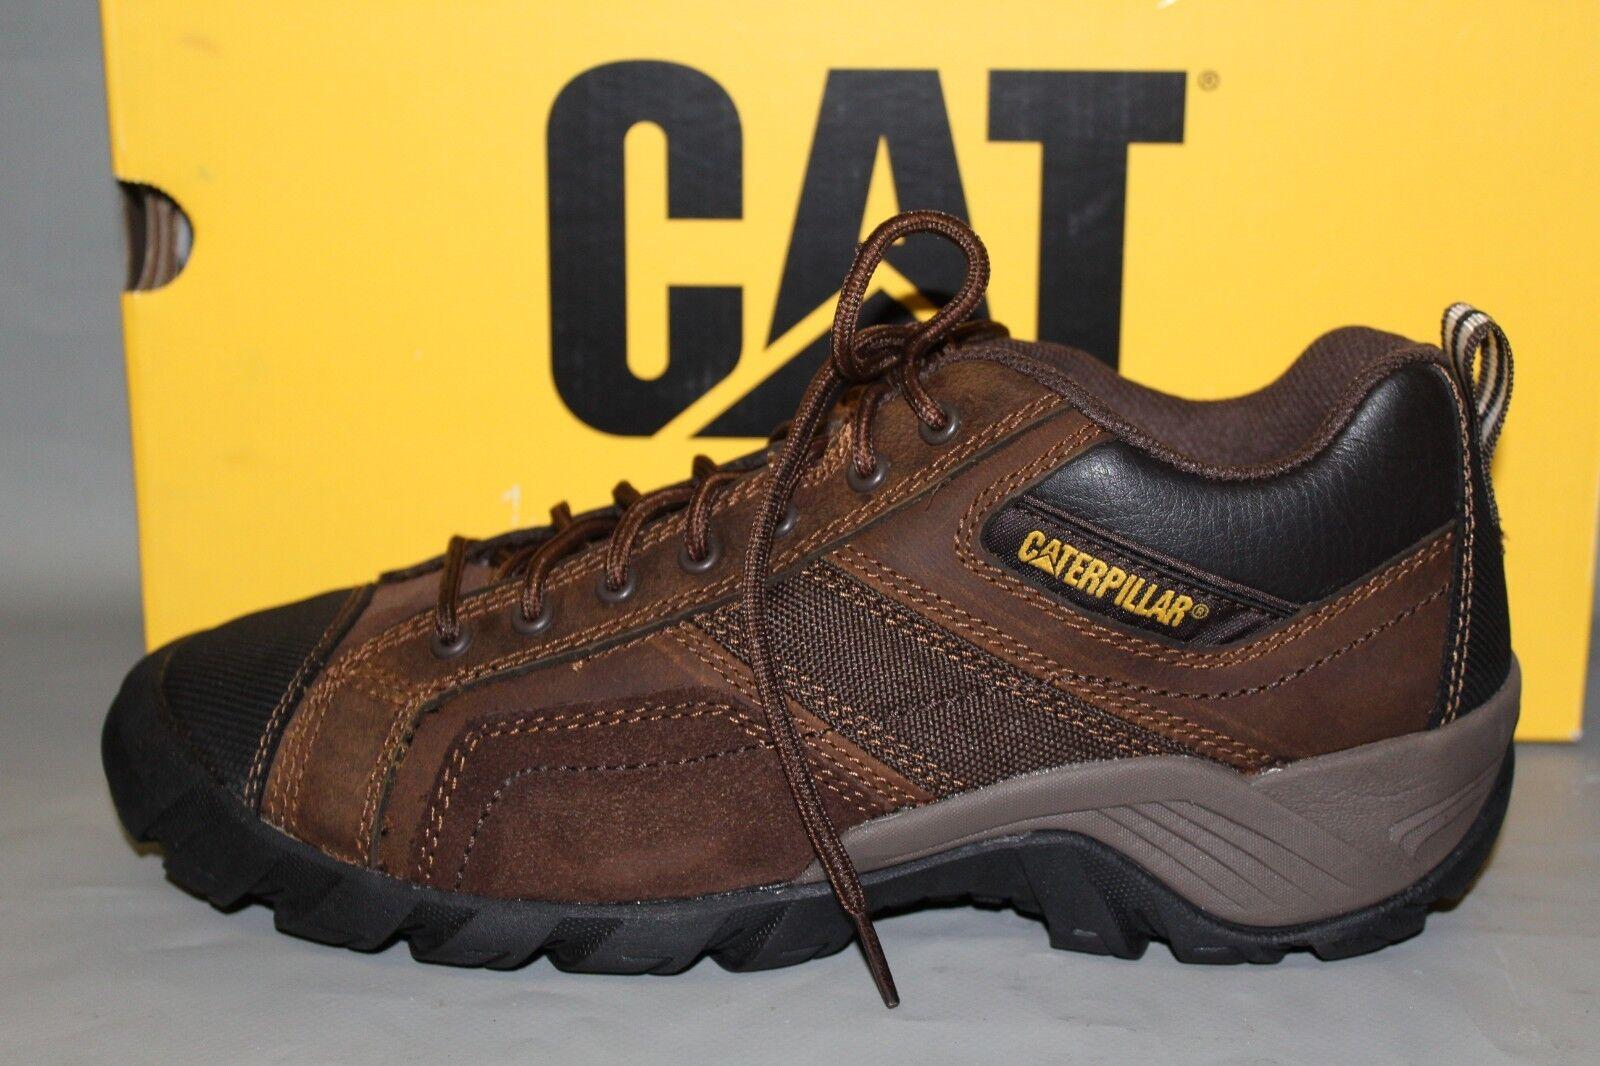 Para hombres Gato argón  P73706, Tamaño Mediano 9 Cuero Calzado De Trabajo Antideslizante